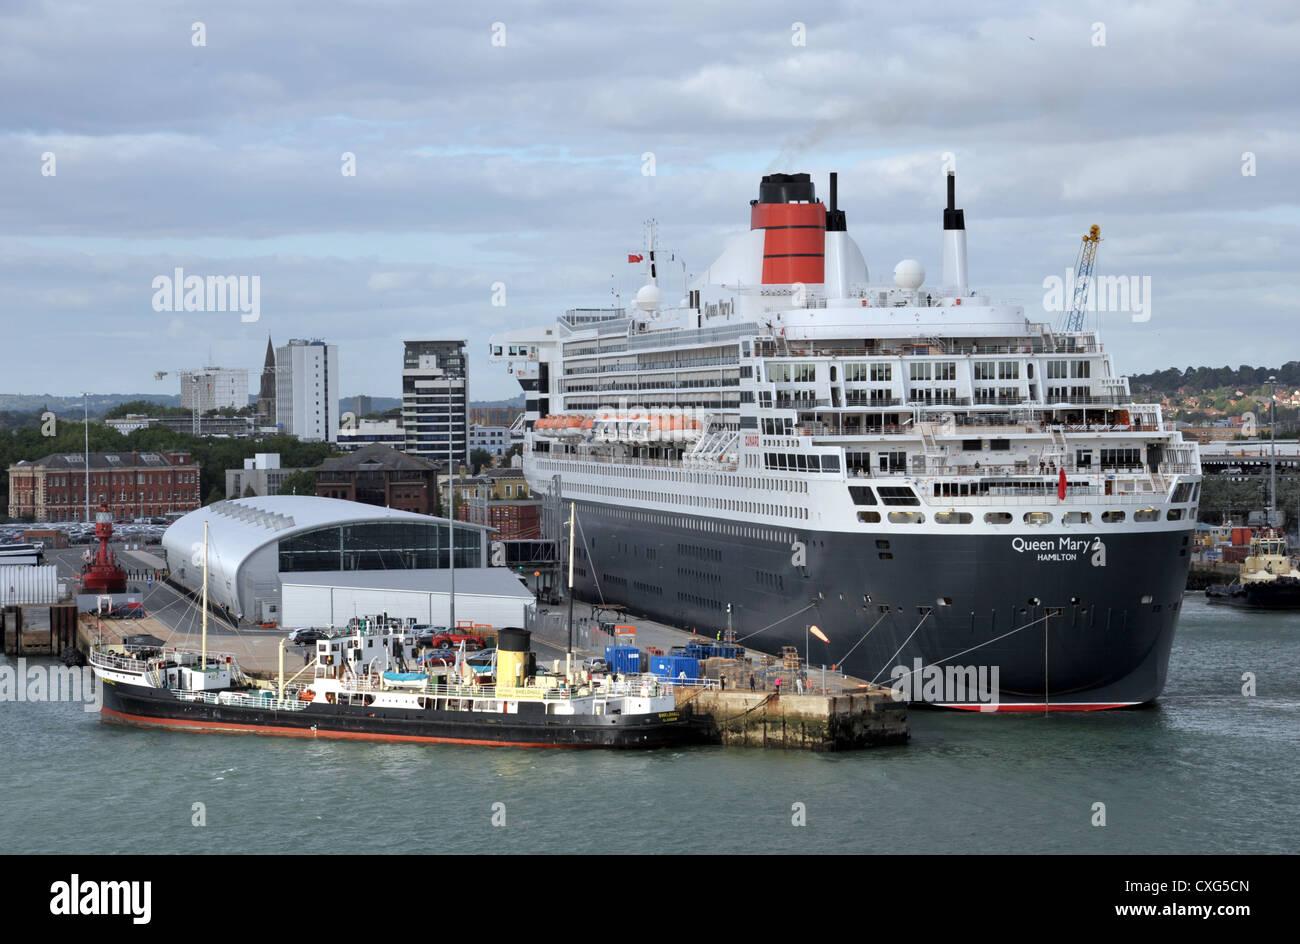 Hotels Near Mayflower Cruise Terminal Southampton